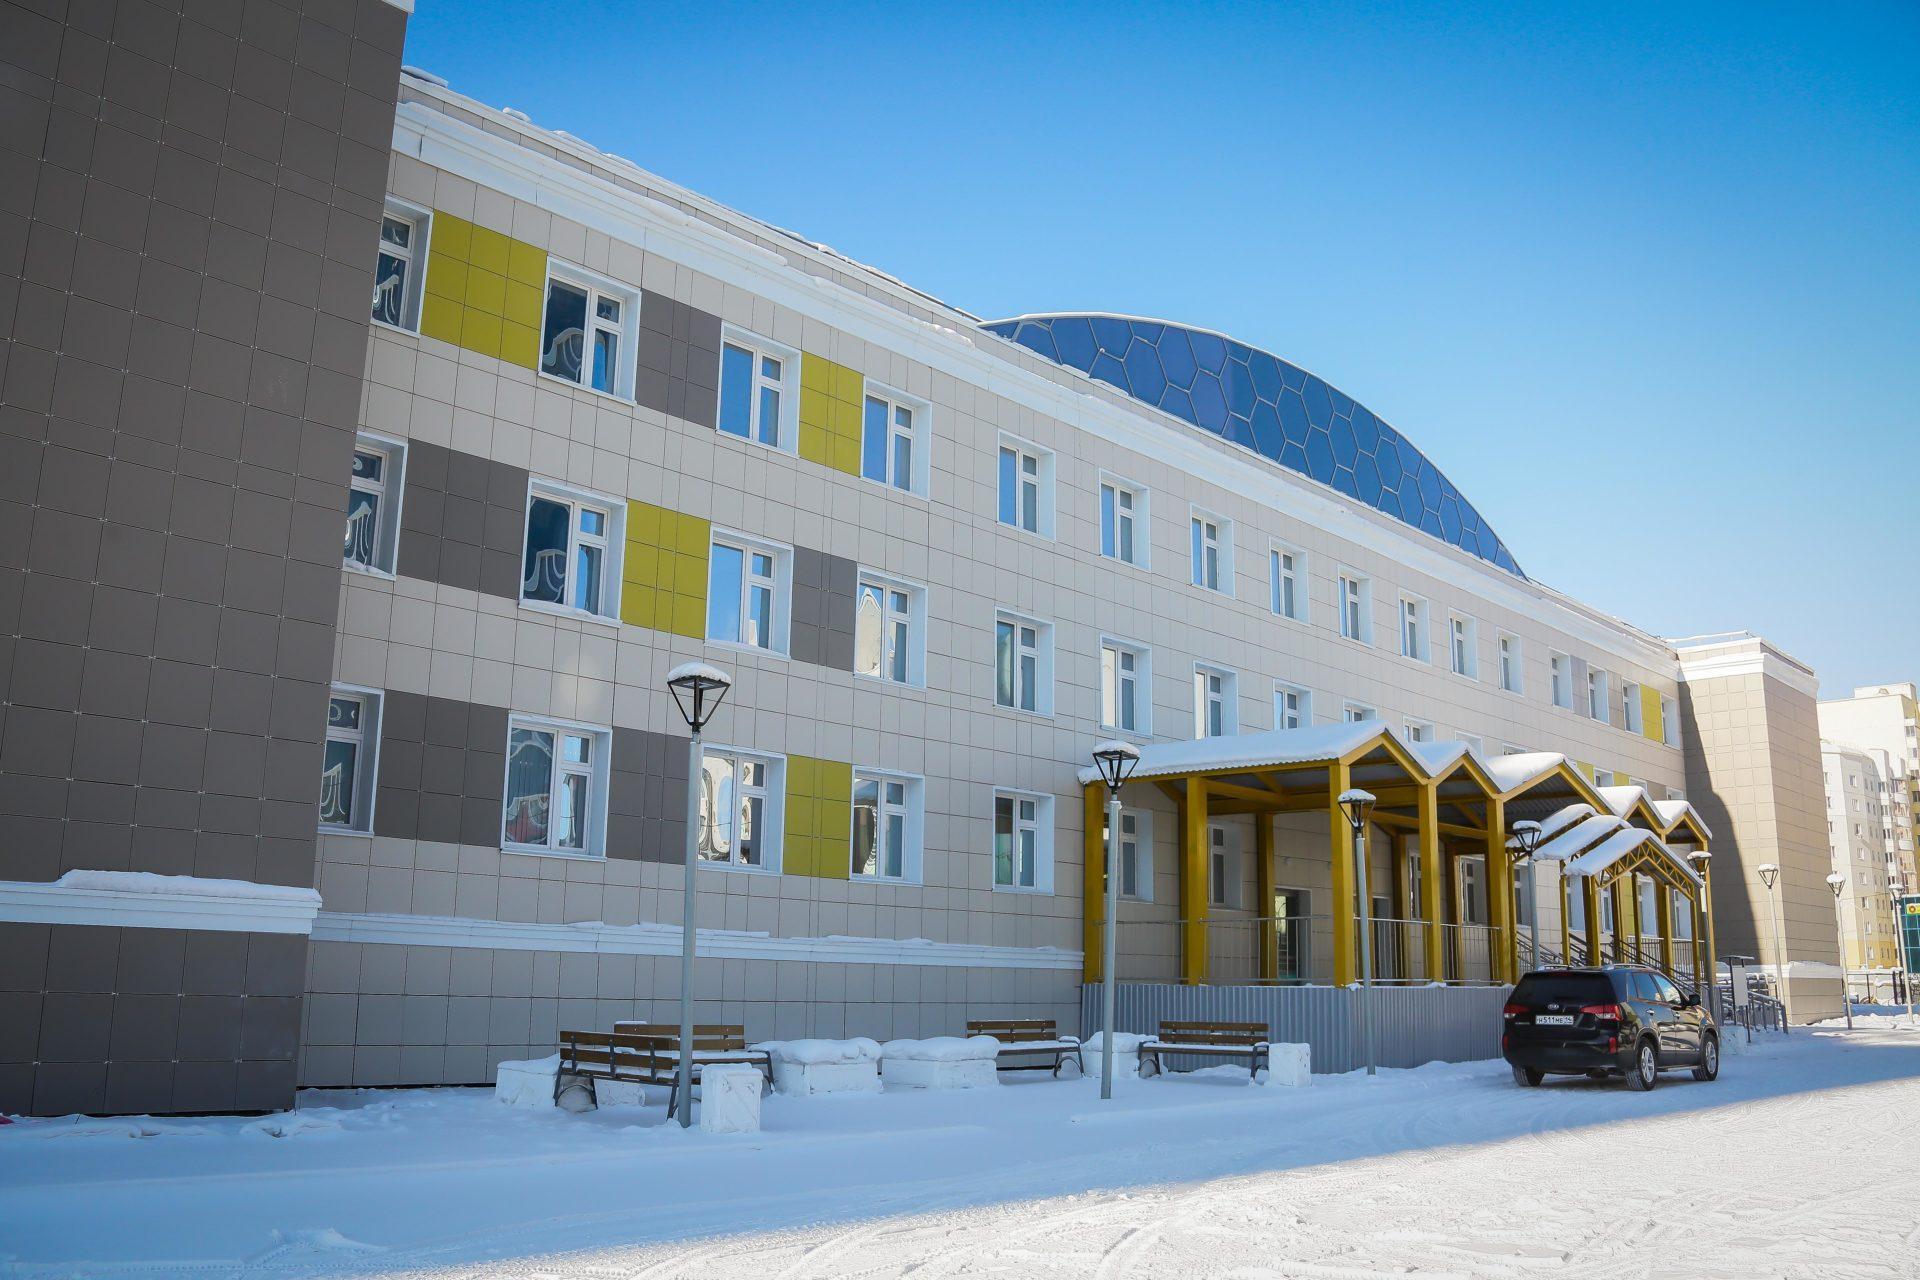 Новая школа и детский сад откроются в 203 микрорайоне города Якутска